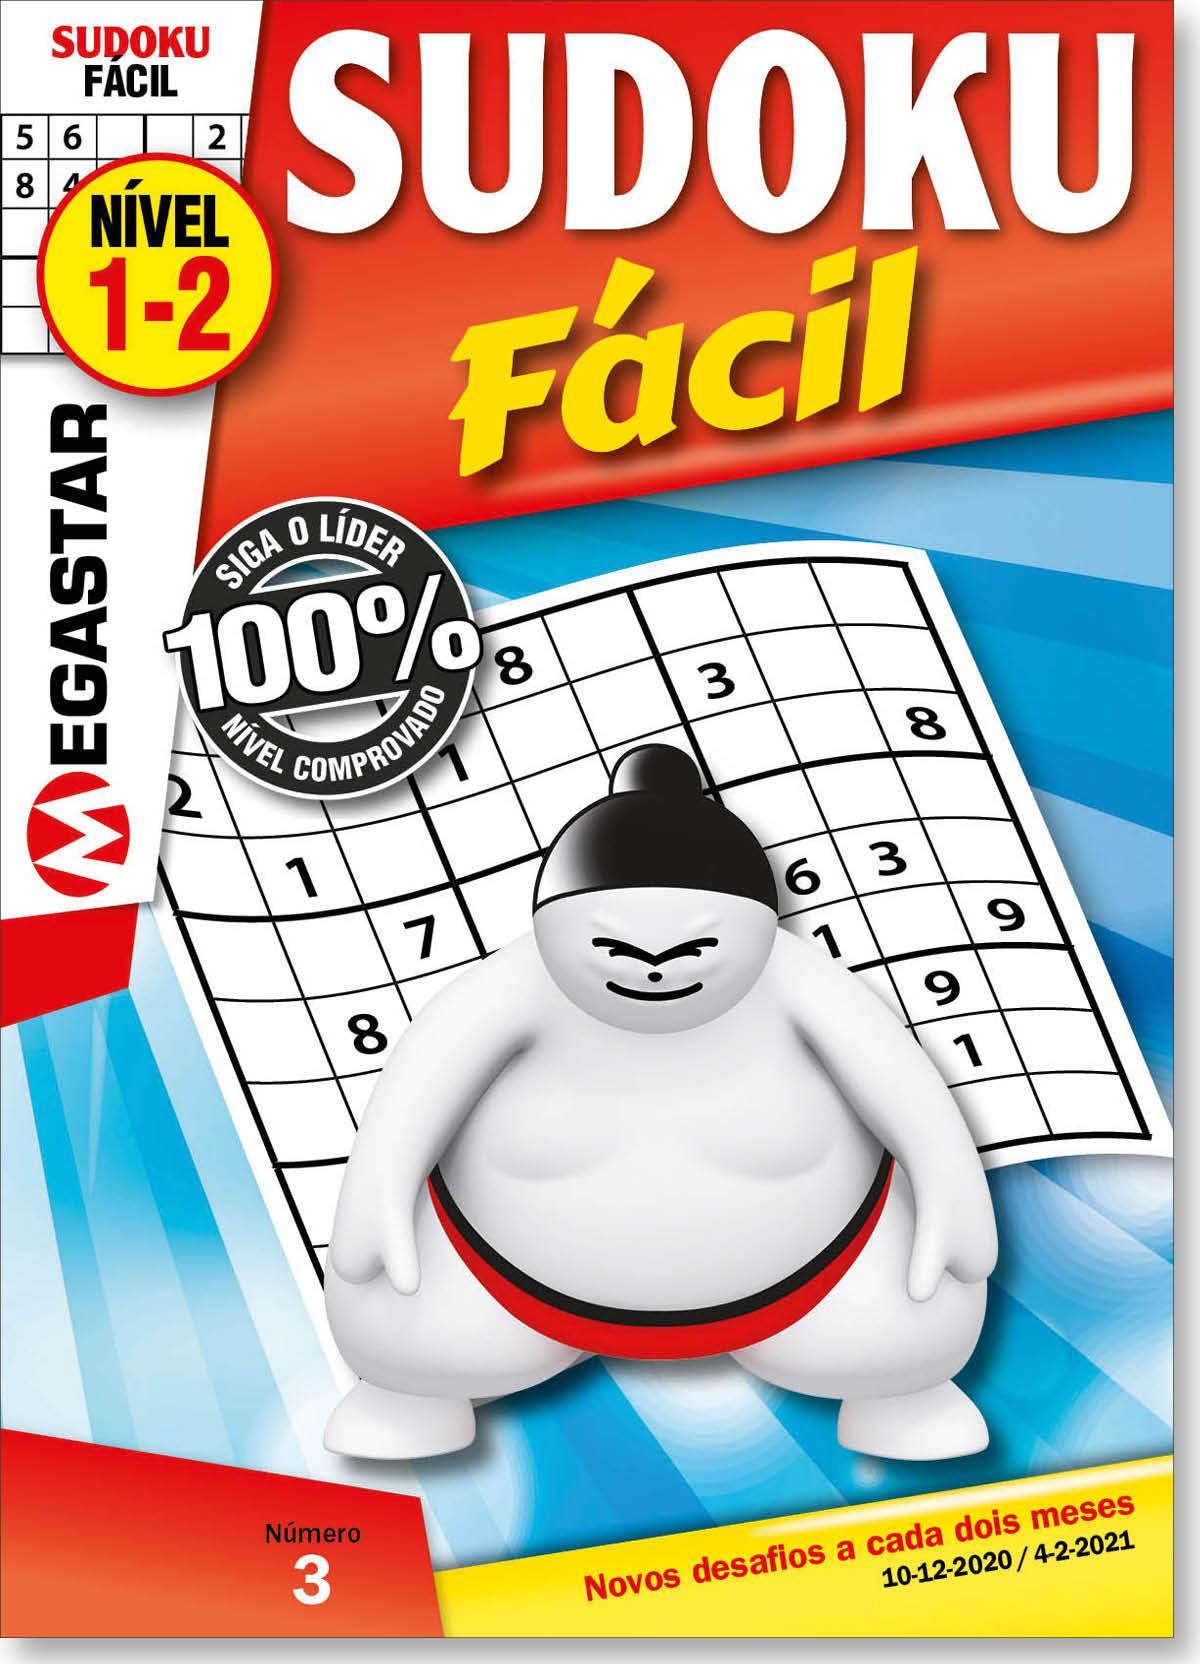 Sudoku Fácil 1-2